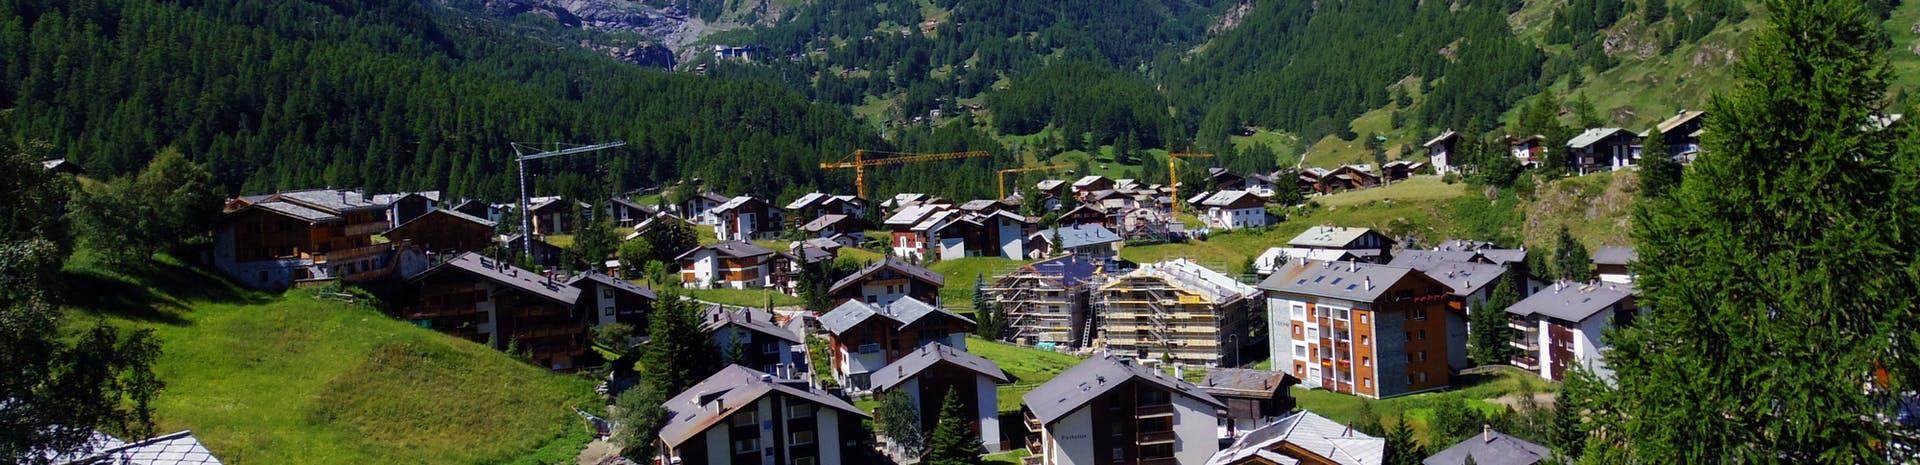 Picture of Zermatt